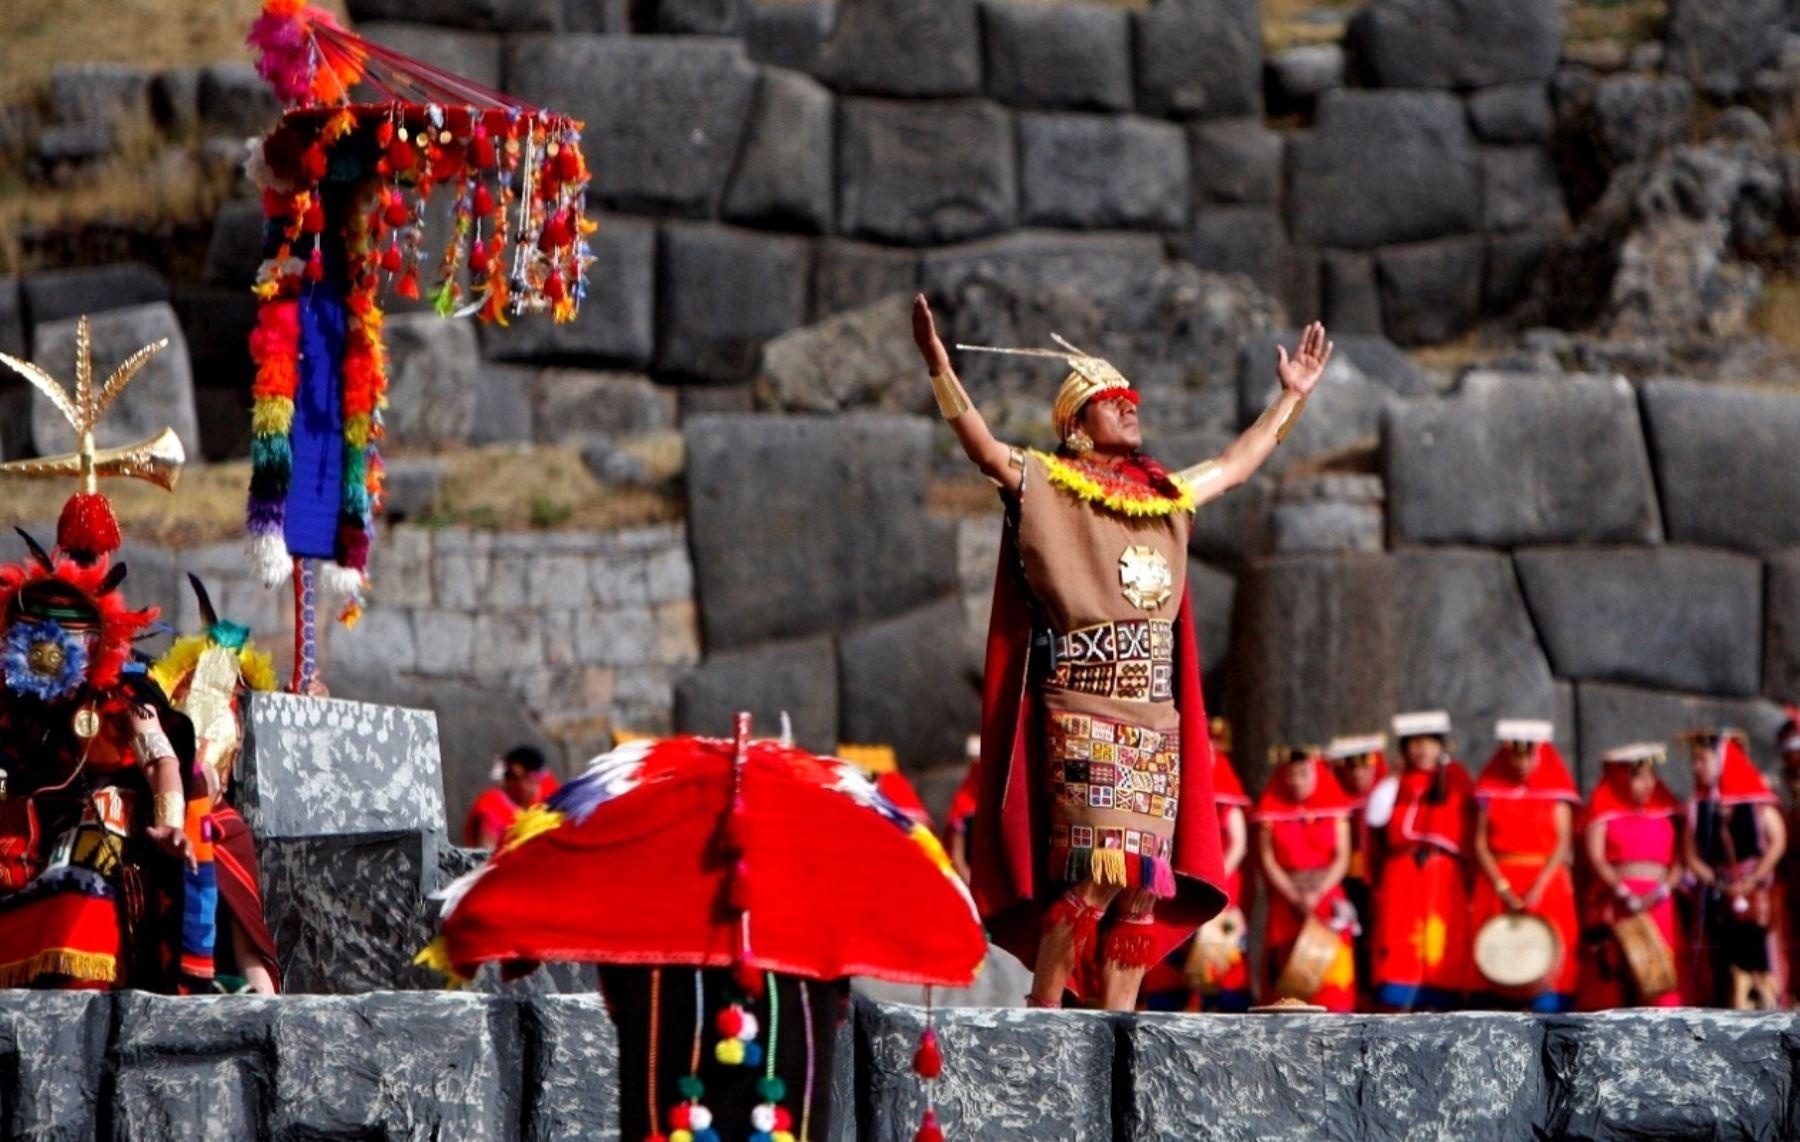 Refuerzan protección de Fortaleza de Sacsayhuamán por celebración del Inti  Raymi | Arqueología del Perú | Historia, Turismo, Arte , Inca,  Prehispánico, Pre-Inca